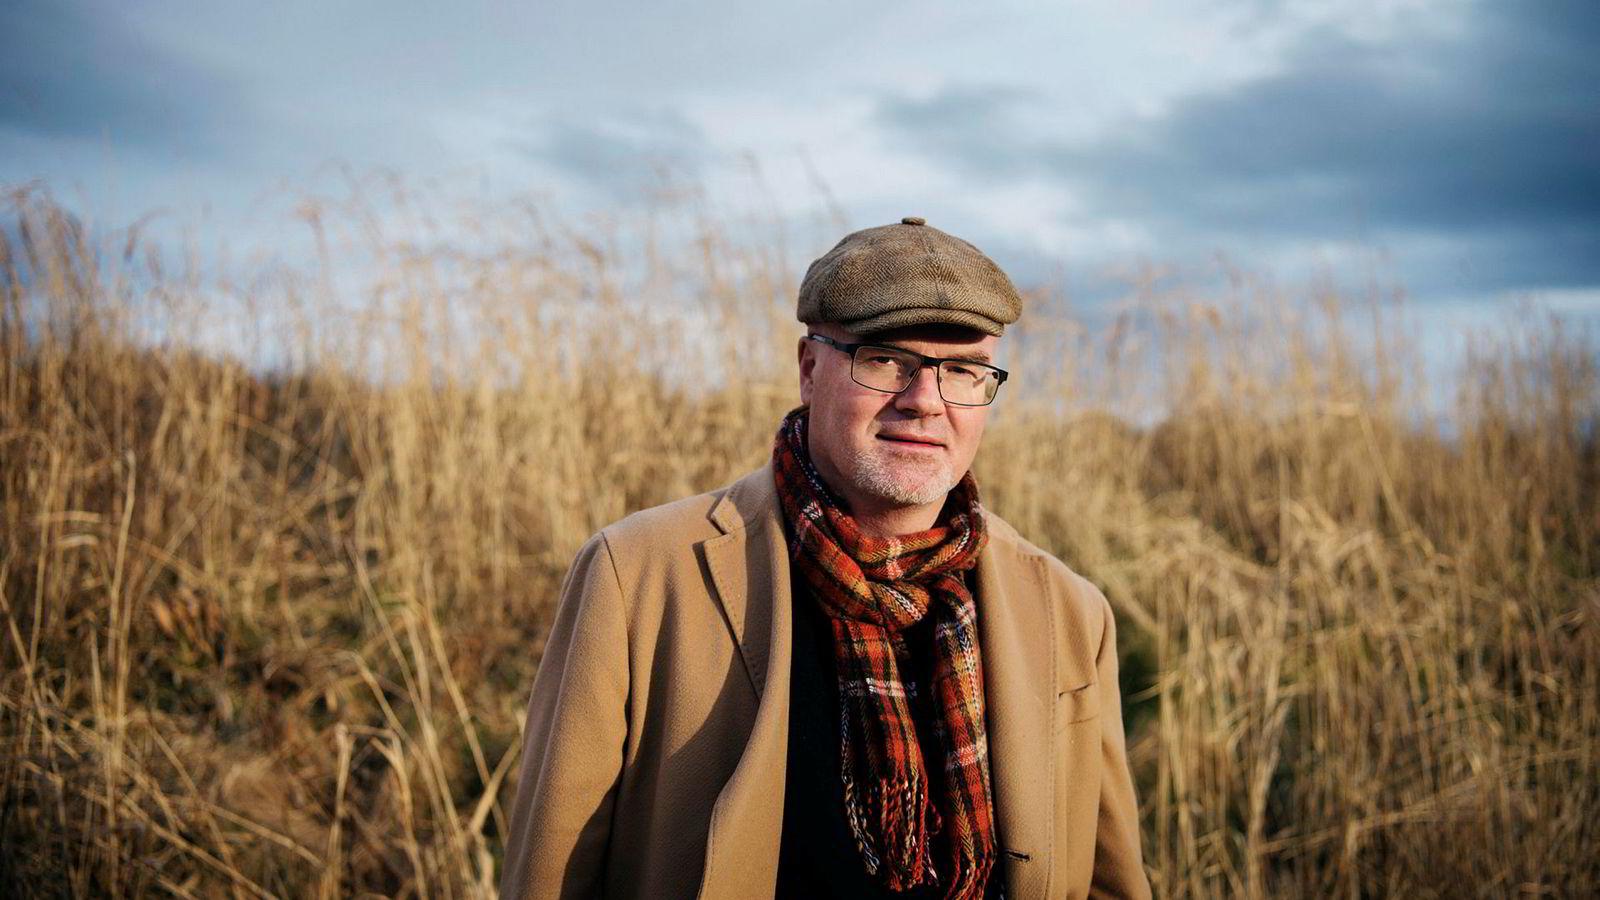 Tidligere UiS-professor Nils Rune Langeland mener han er usaklig oppsagt, og har gått til sak. Nå venter han på dommen.